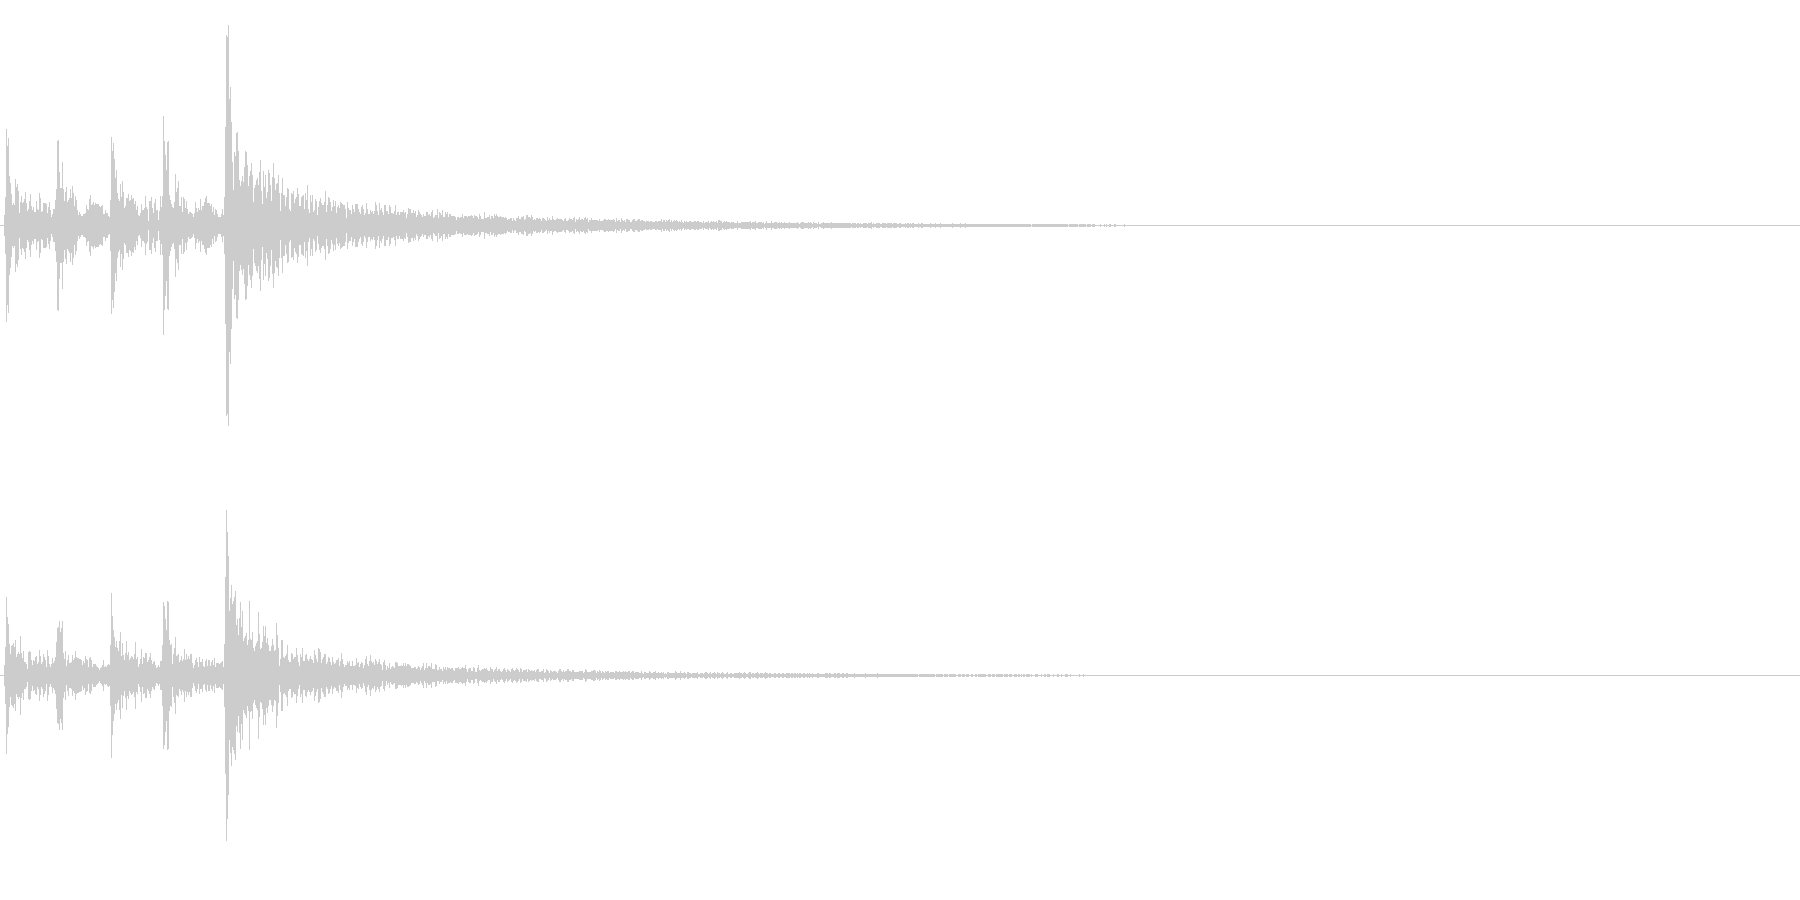 ティンパニ、(手)、ファイナルヒッ...の未再生の波形